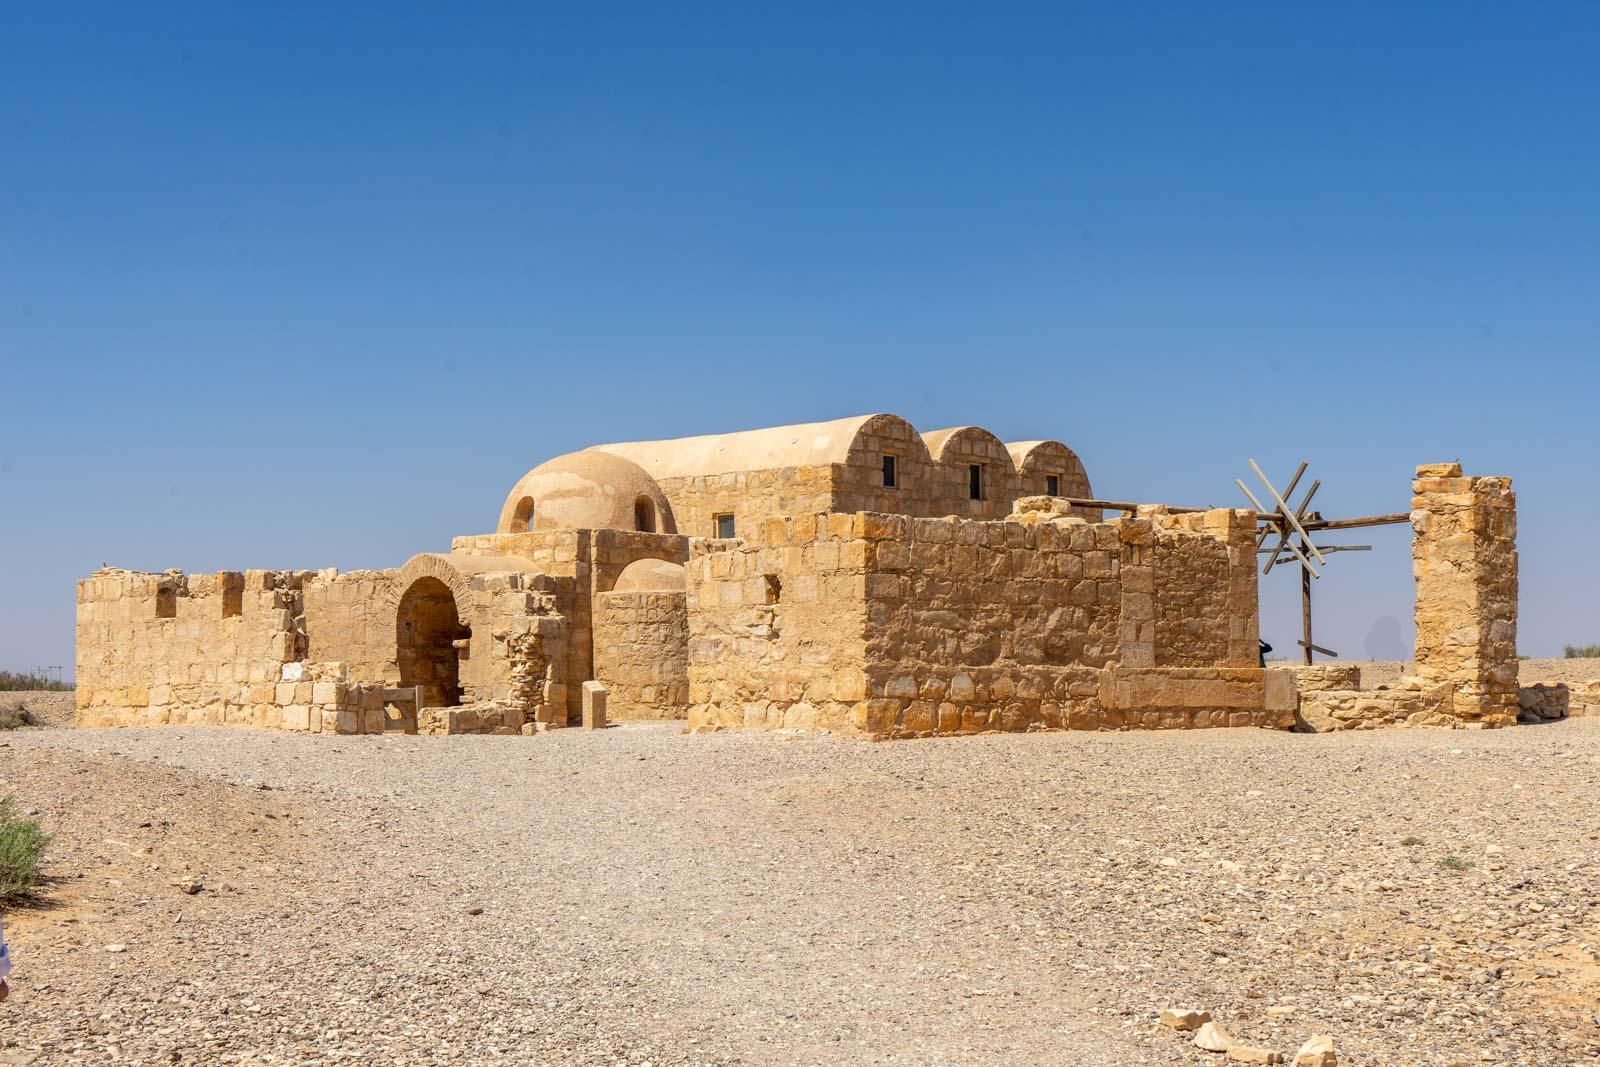 Jordan's best desert castles